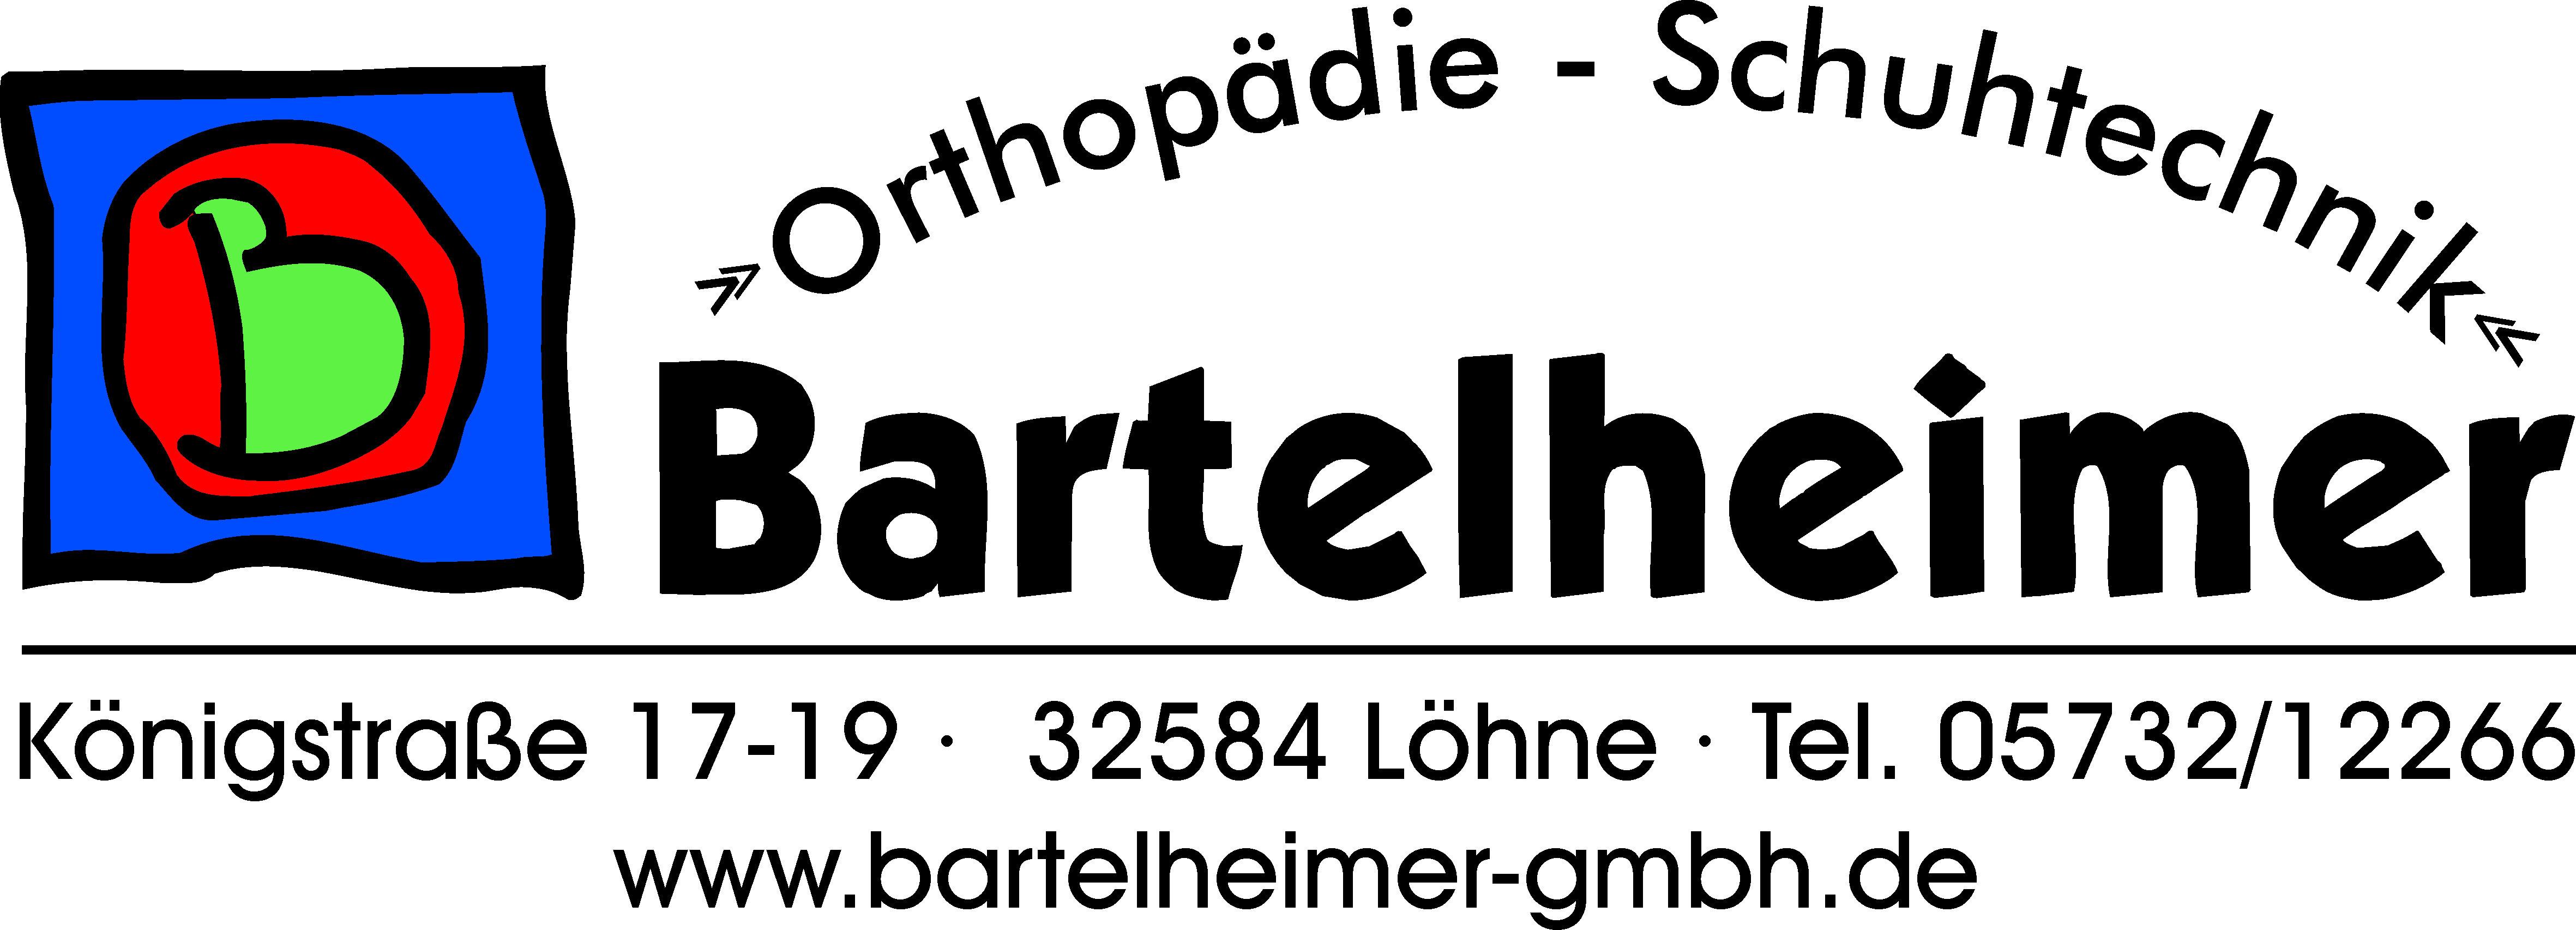 Bartelheimer